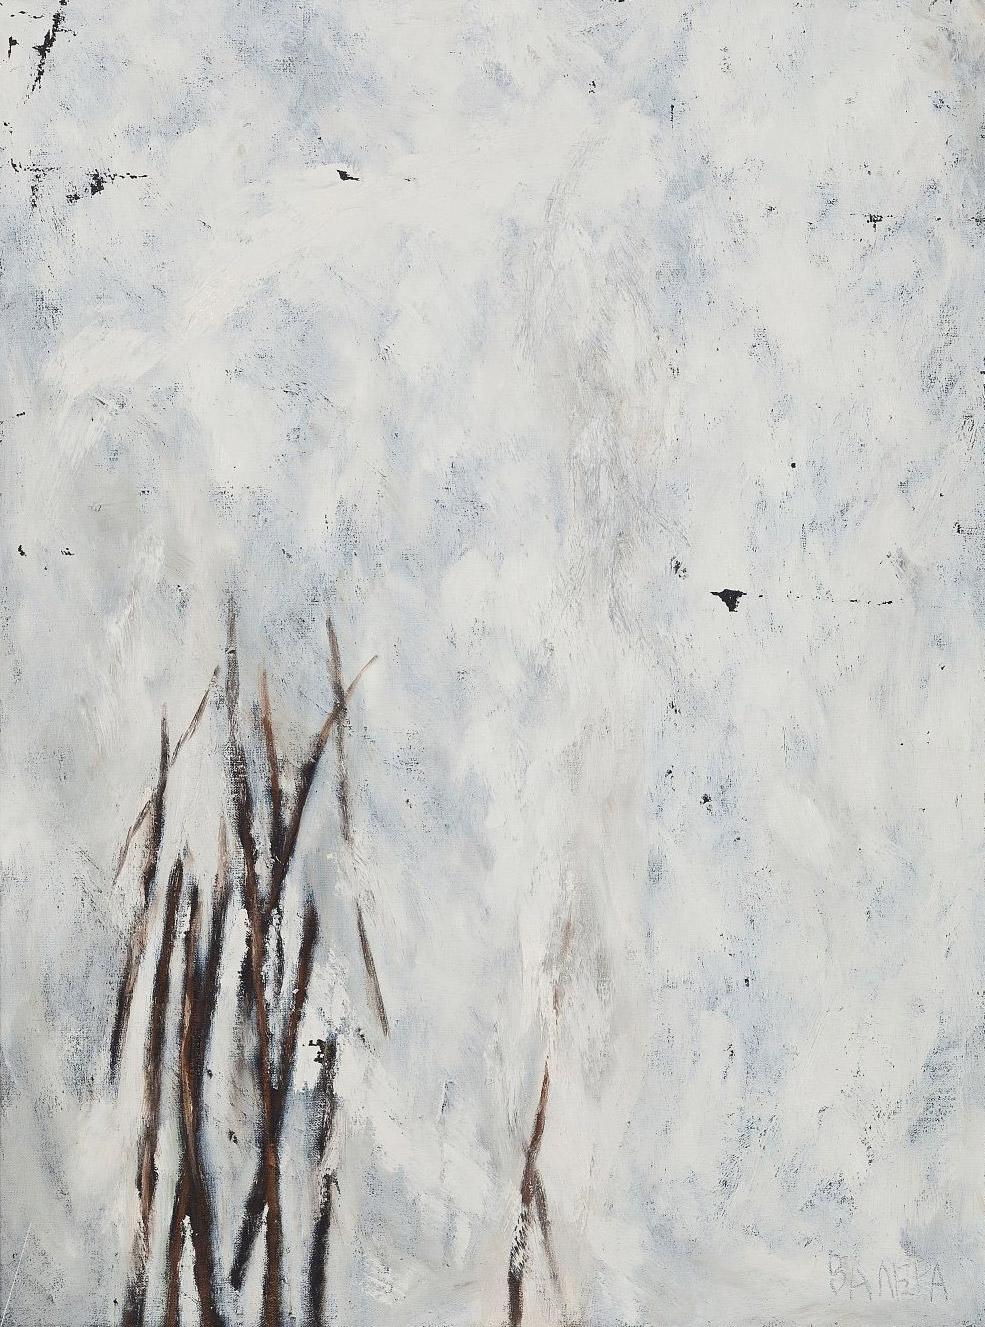 Gabinet Sztuki galeria Warszawa, aukcja dzieł sztuki, aukcja sztuki współczesnej, niezła sztuka